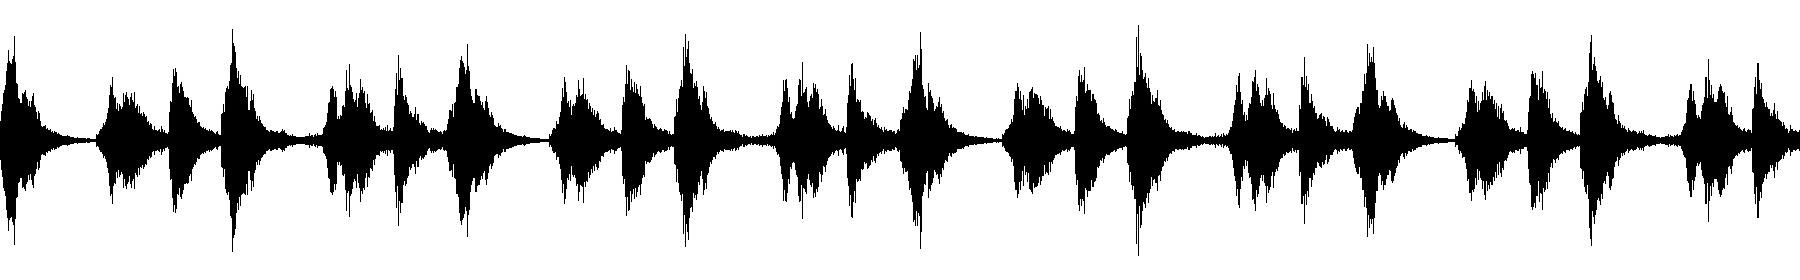 ehp percloop 127 18